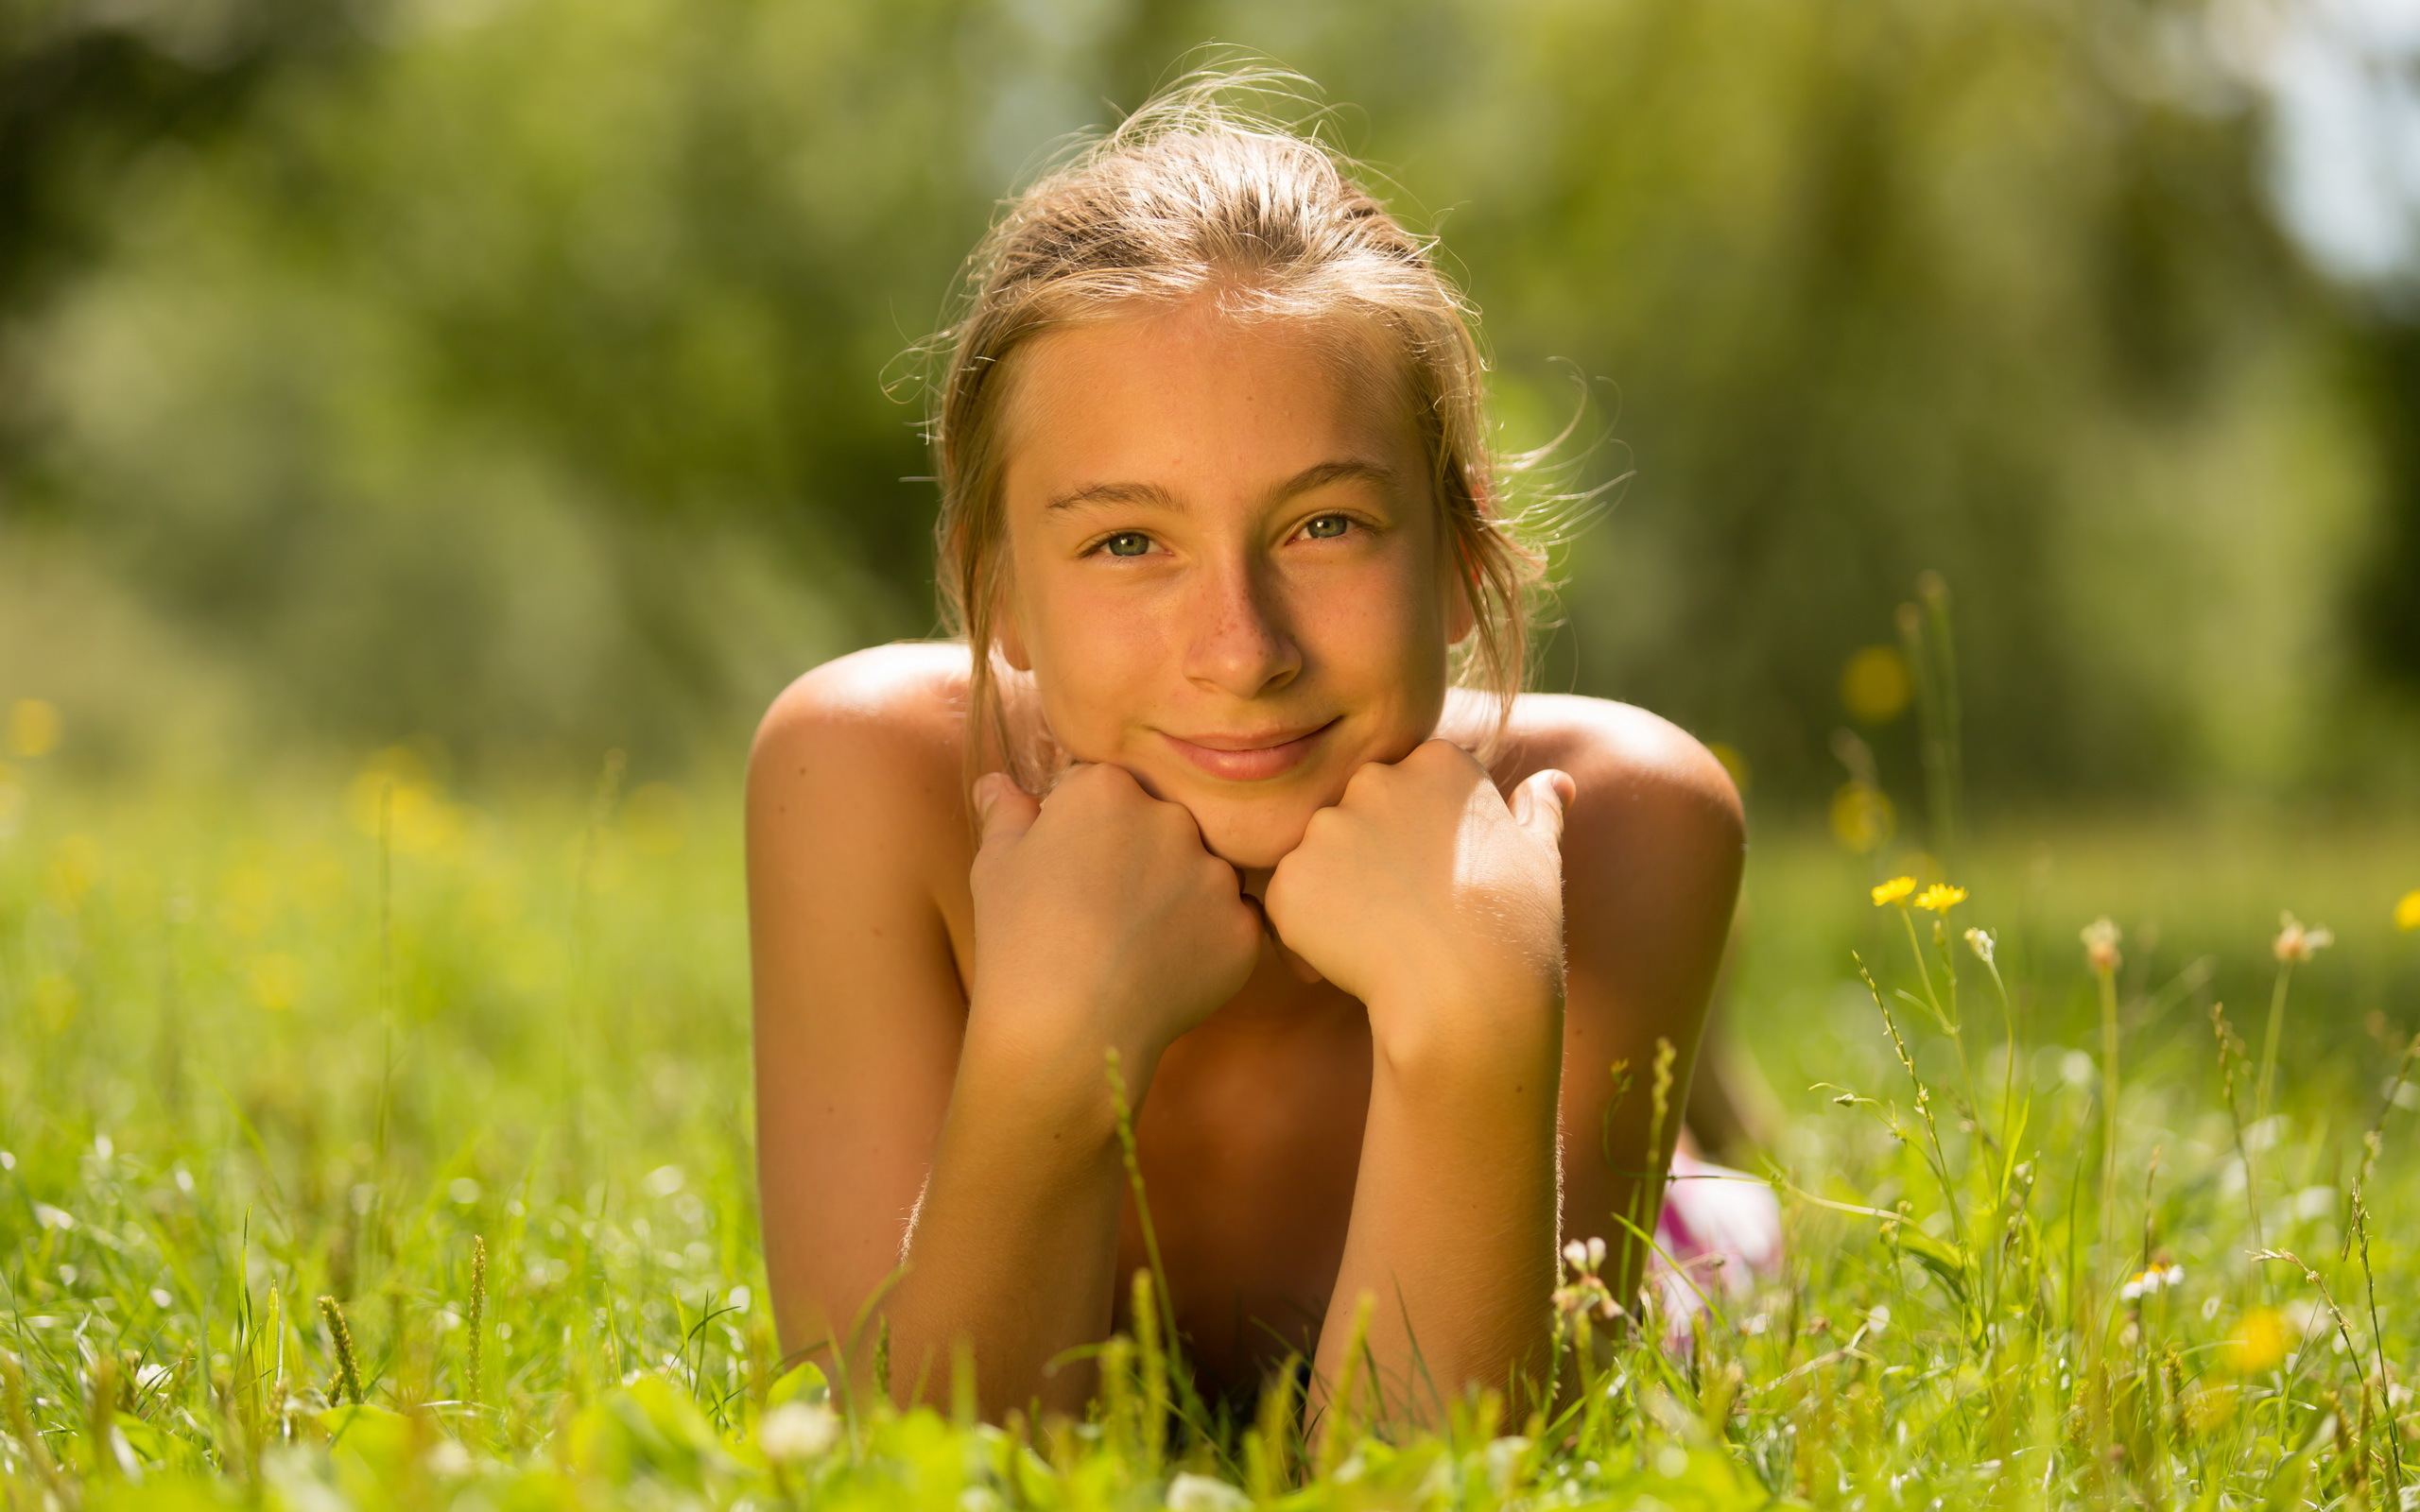 Голая Девочка 10 Фото